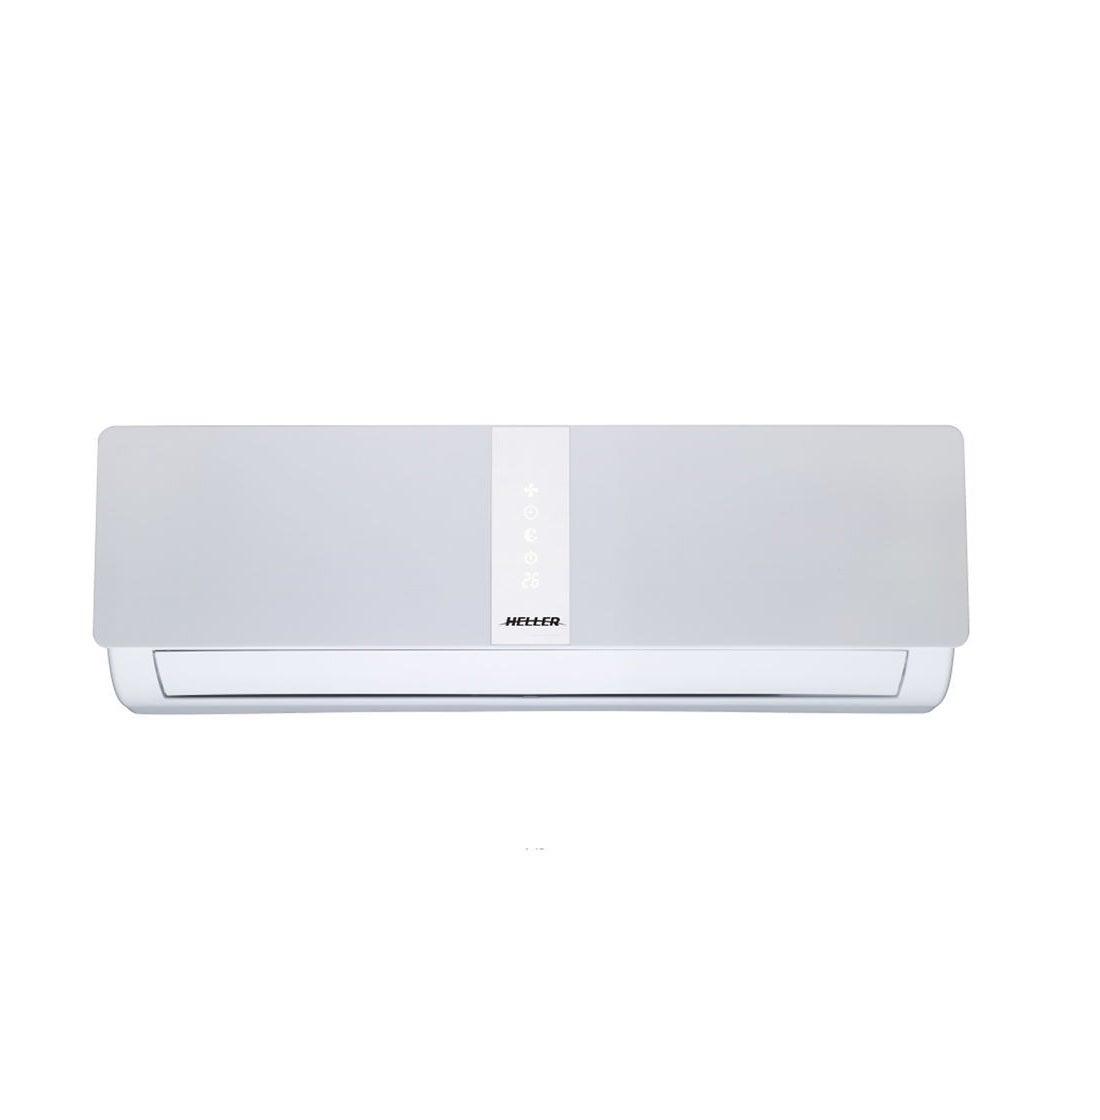 Heller HAC7000I Air Conditioner